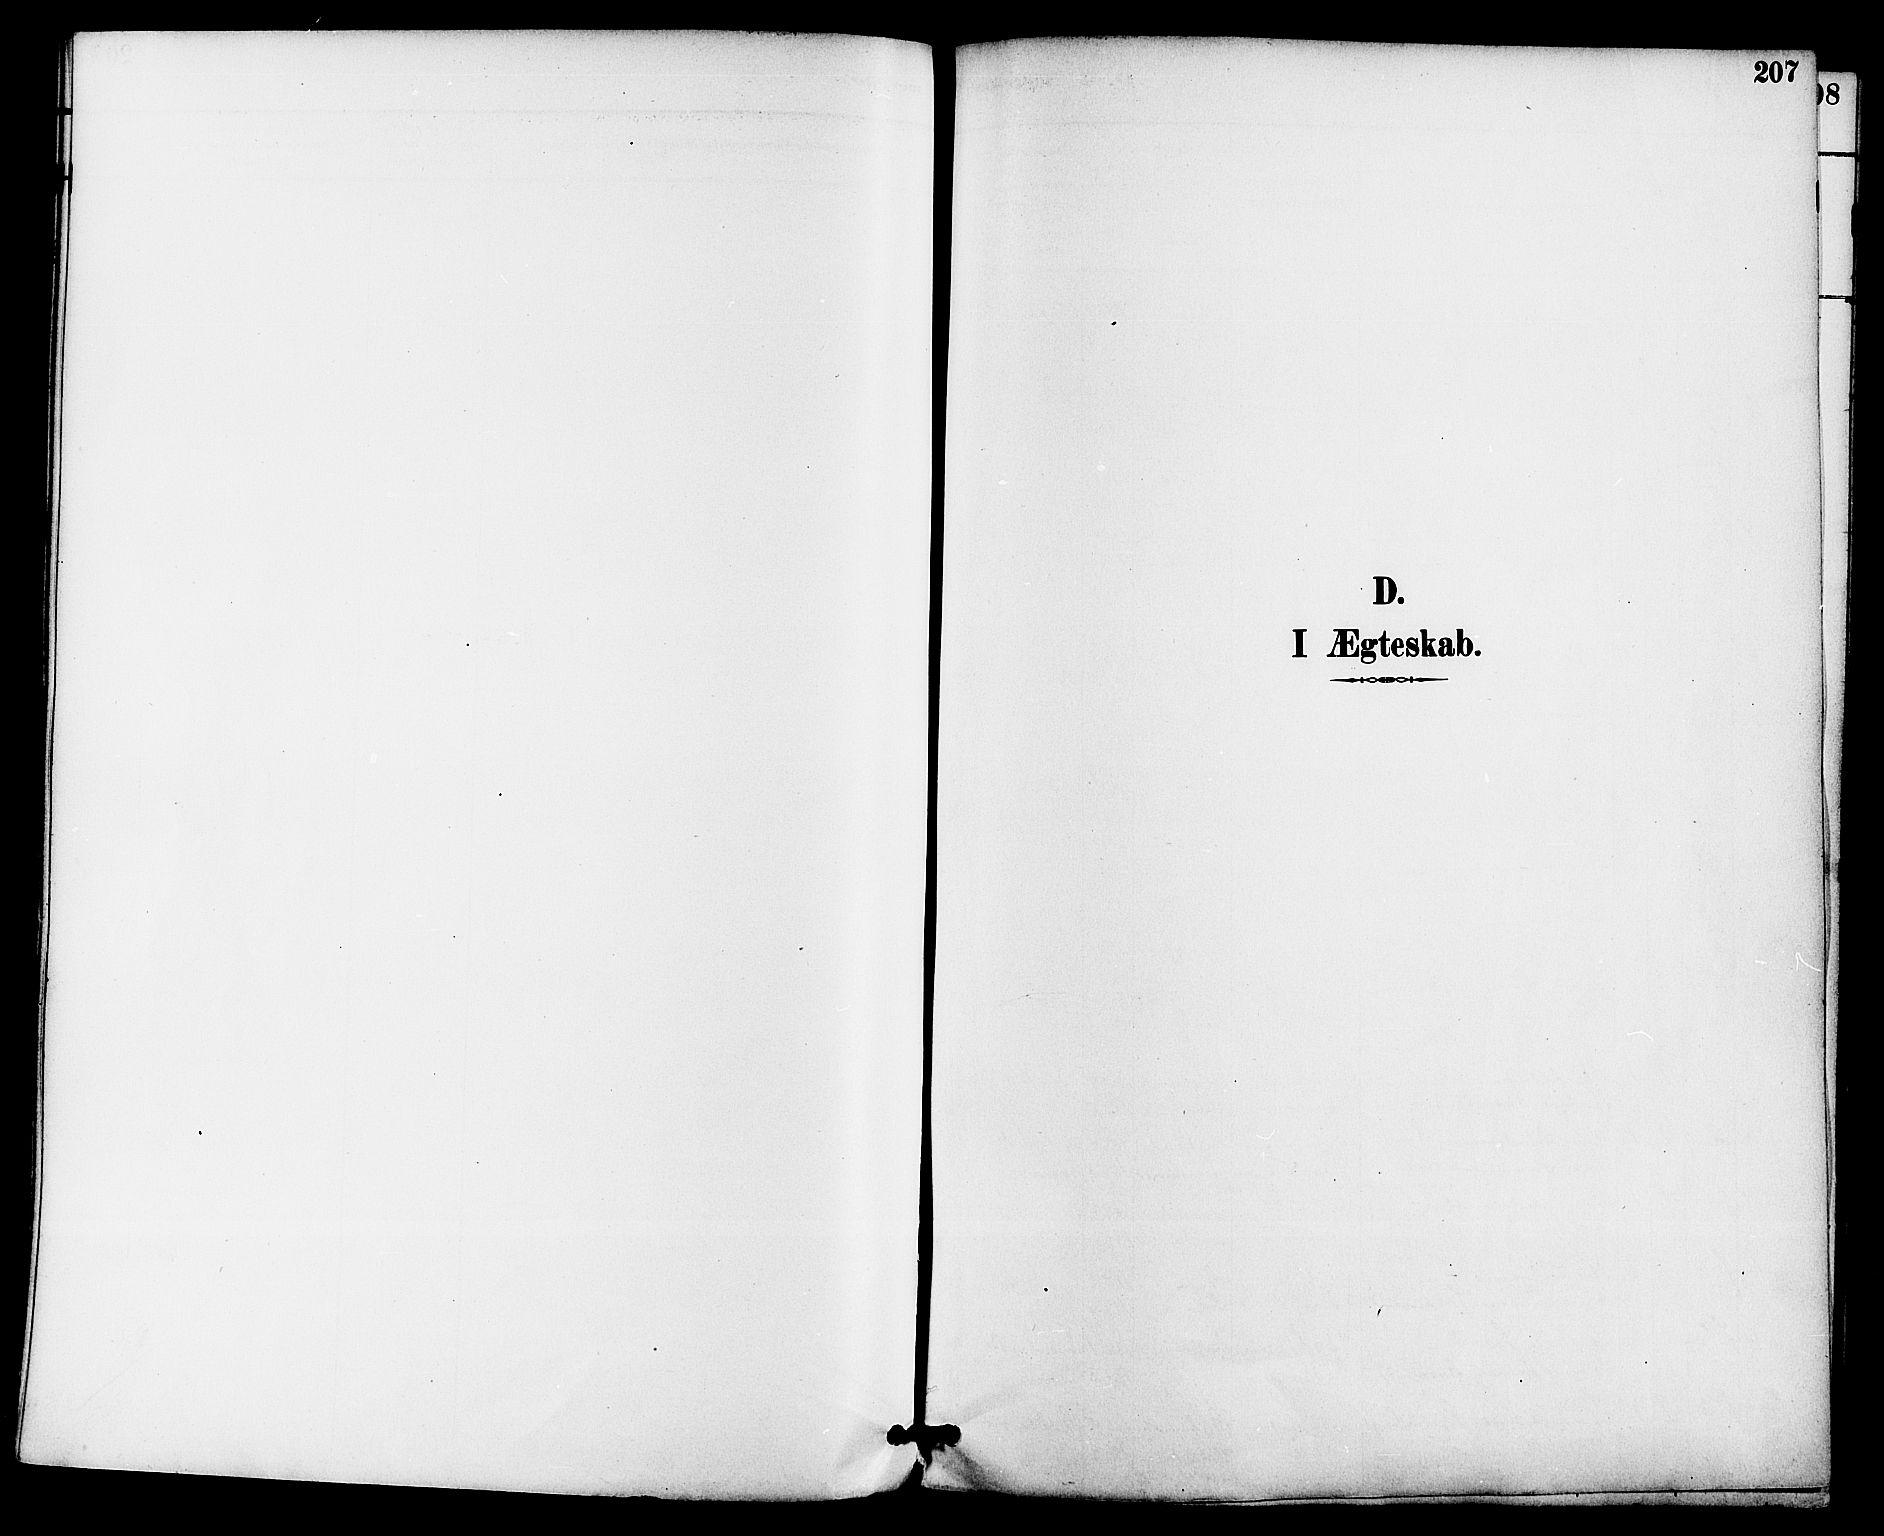 SAKO, Gjerpen kirkebøker, F/Fa/L0010: Ministerialbok nr. 10, 1886-1895, s. 207